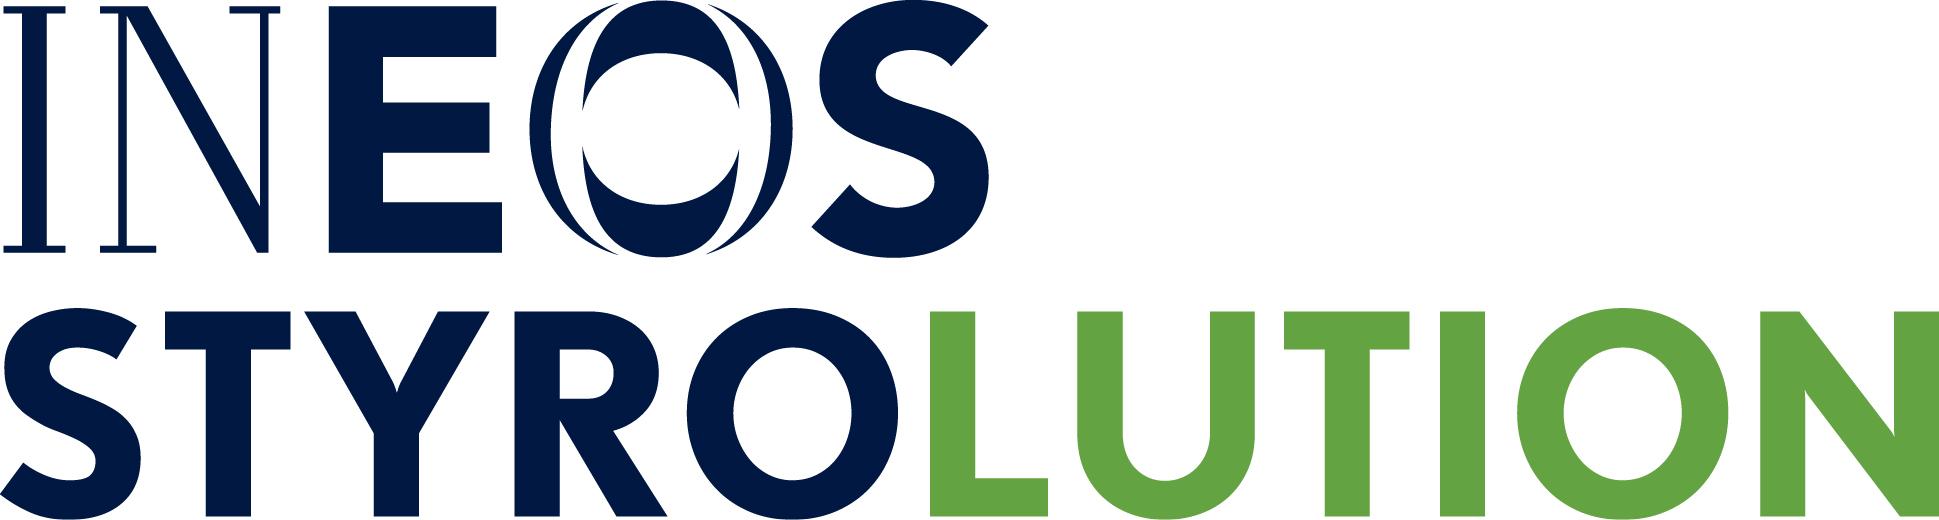 Logo INEOS Styrolution.jpg